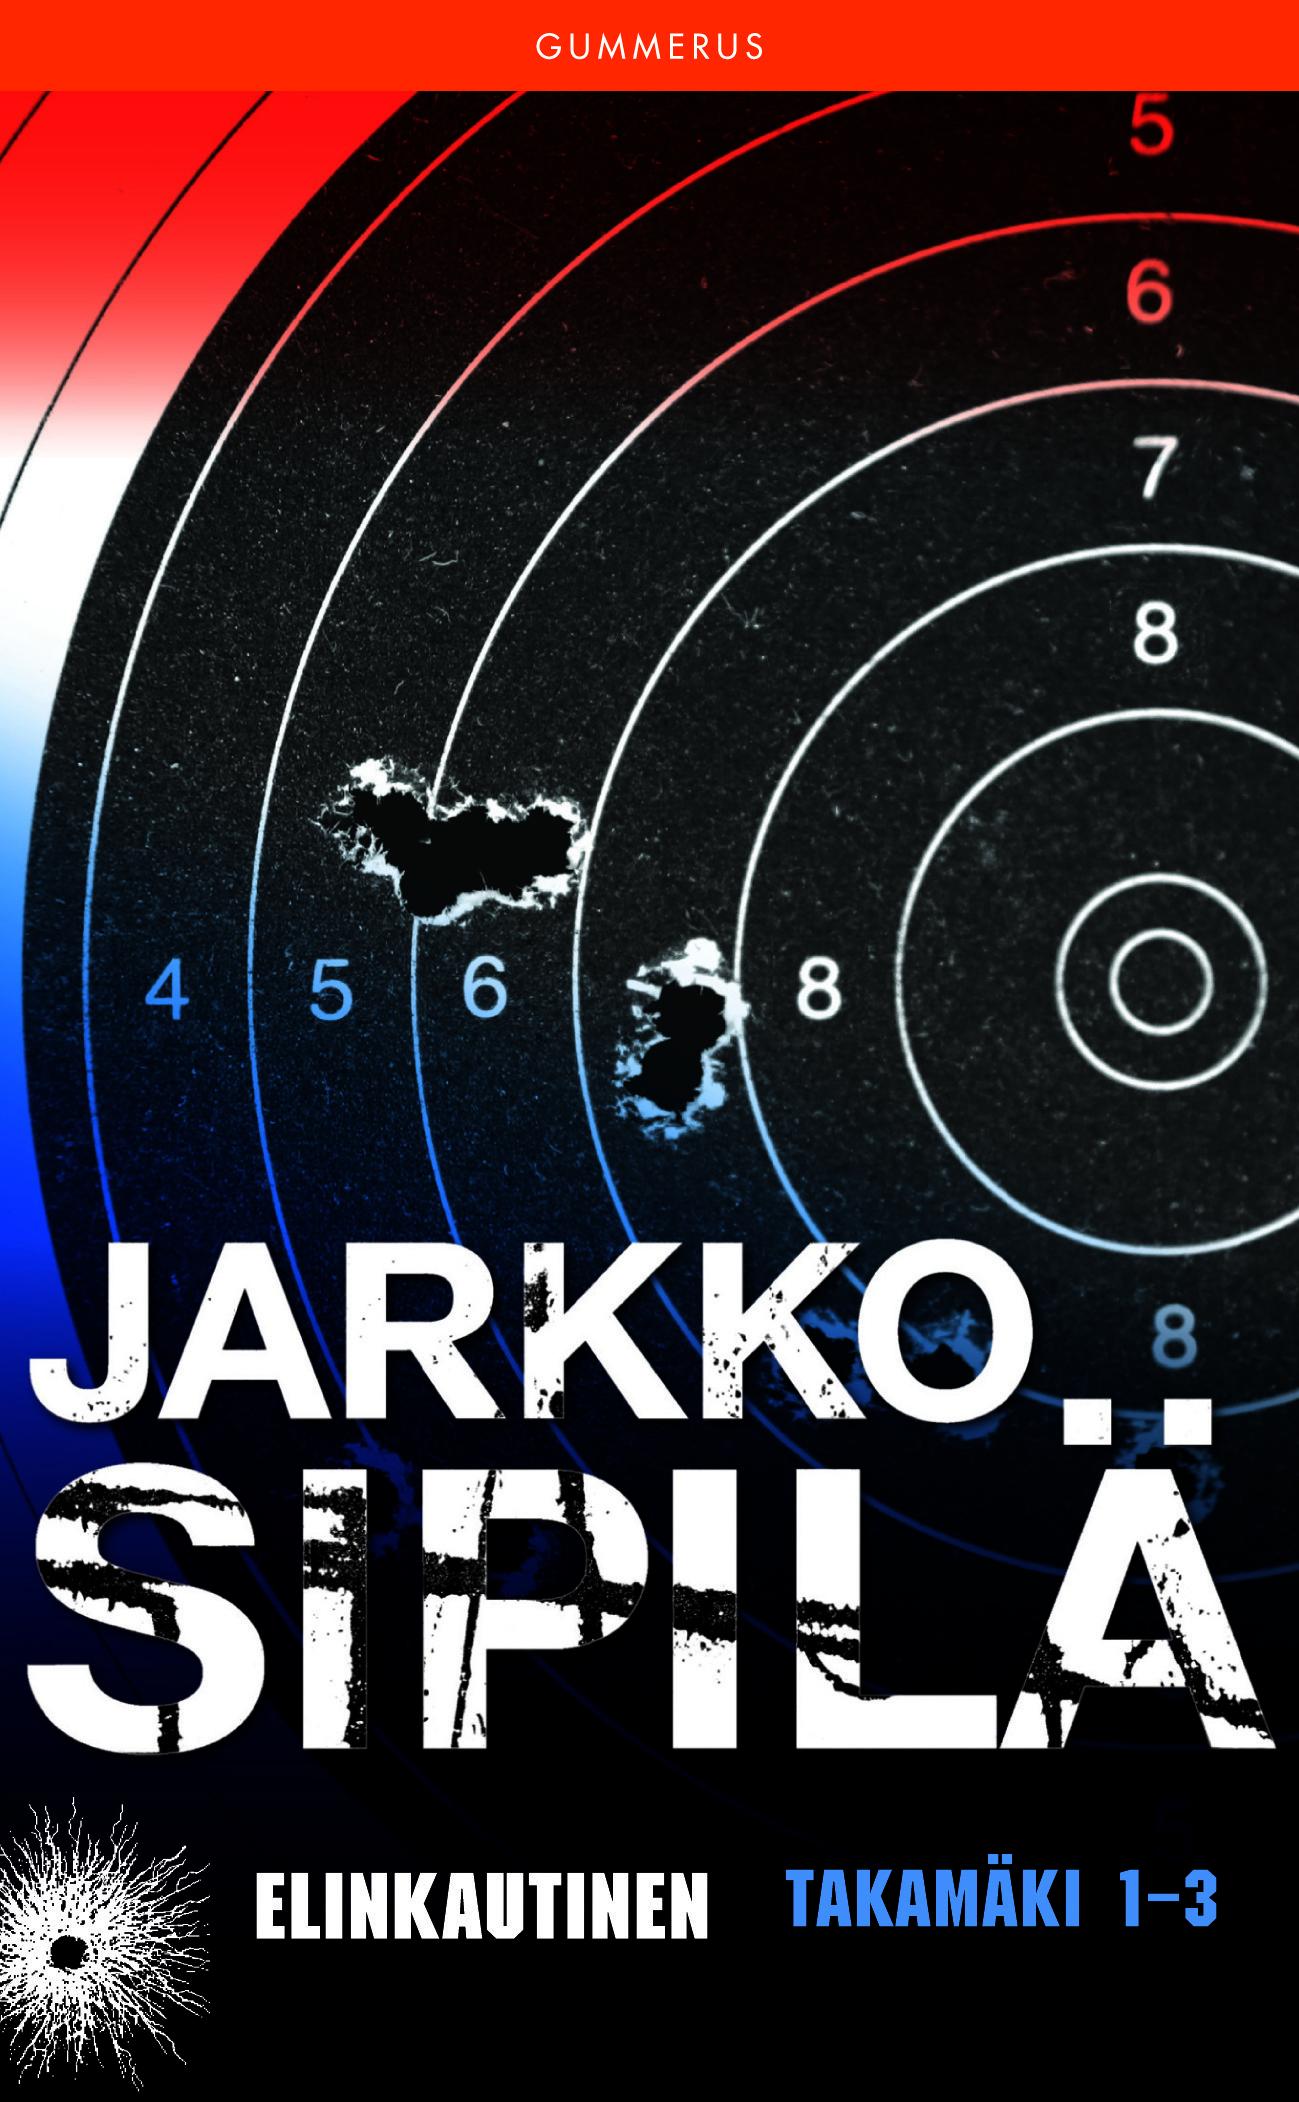 Elinkautinen (Takamäki #1 - 3) Jarkko Sipilä